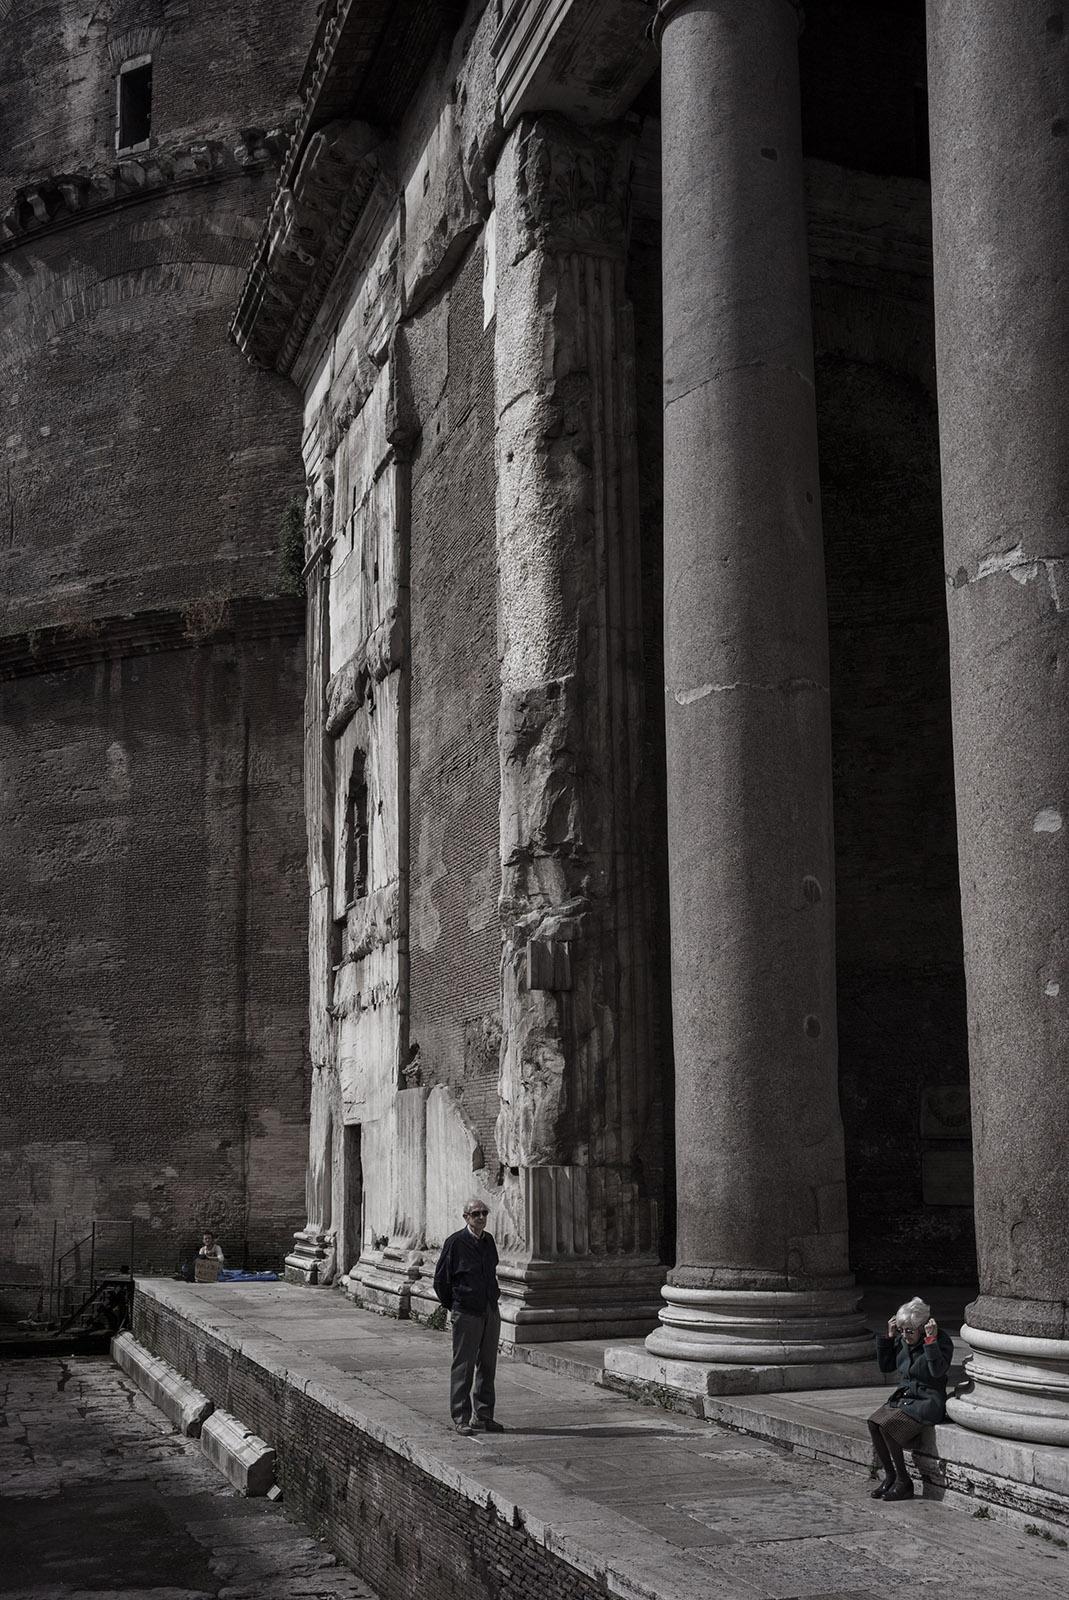 Roma_street_002V_1600.jpg